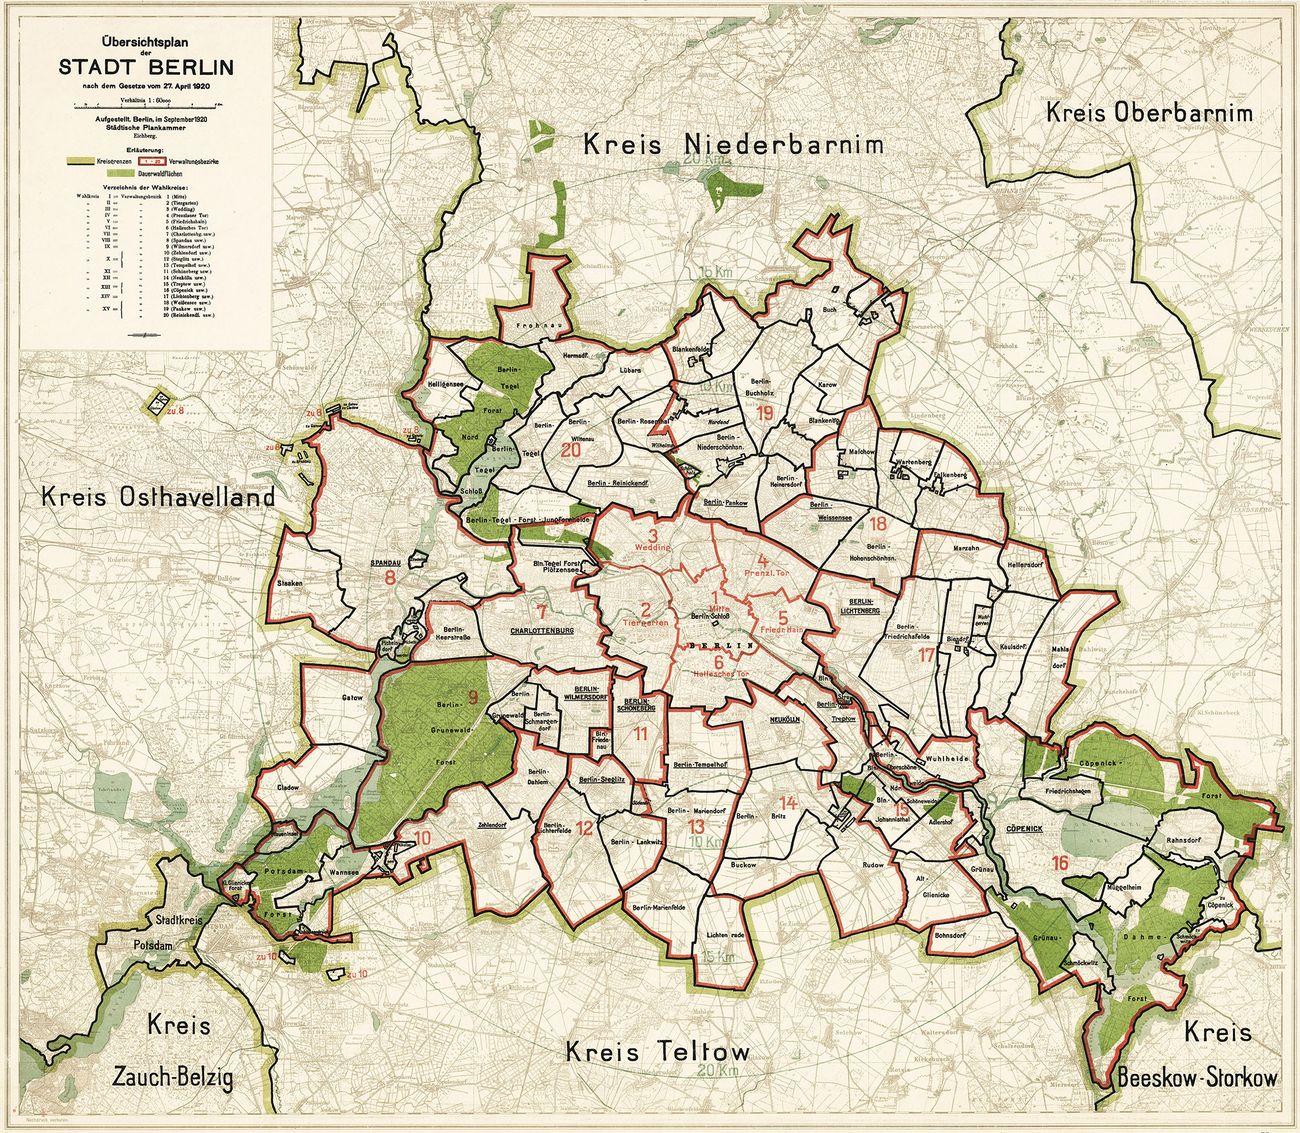 Il piano urbanistico della Grande Berlino, approvato il 27 aprile 1920. Fonte Archivio di Stato, Berlino